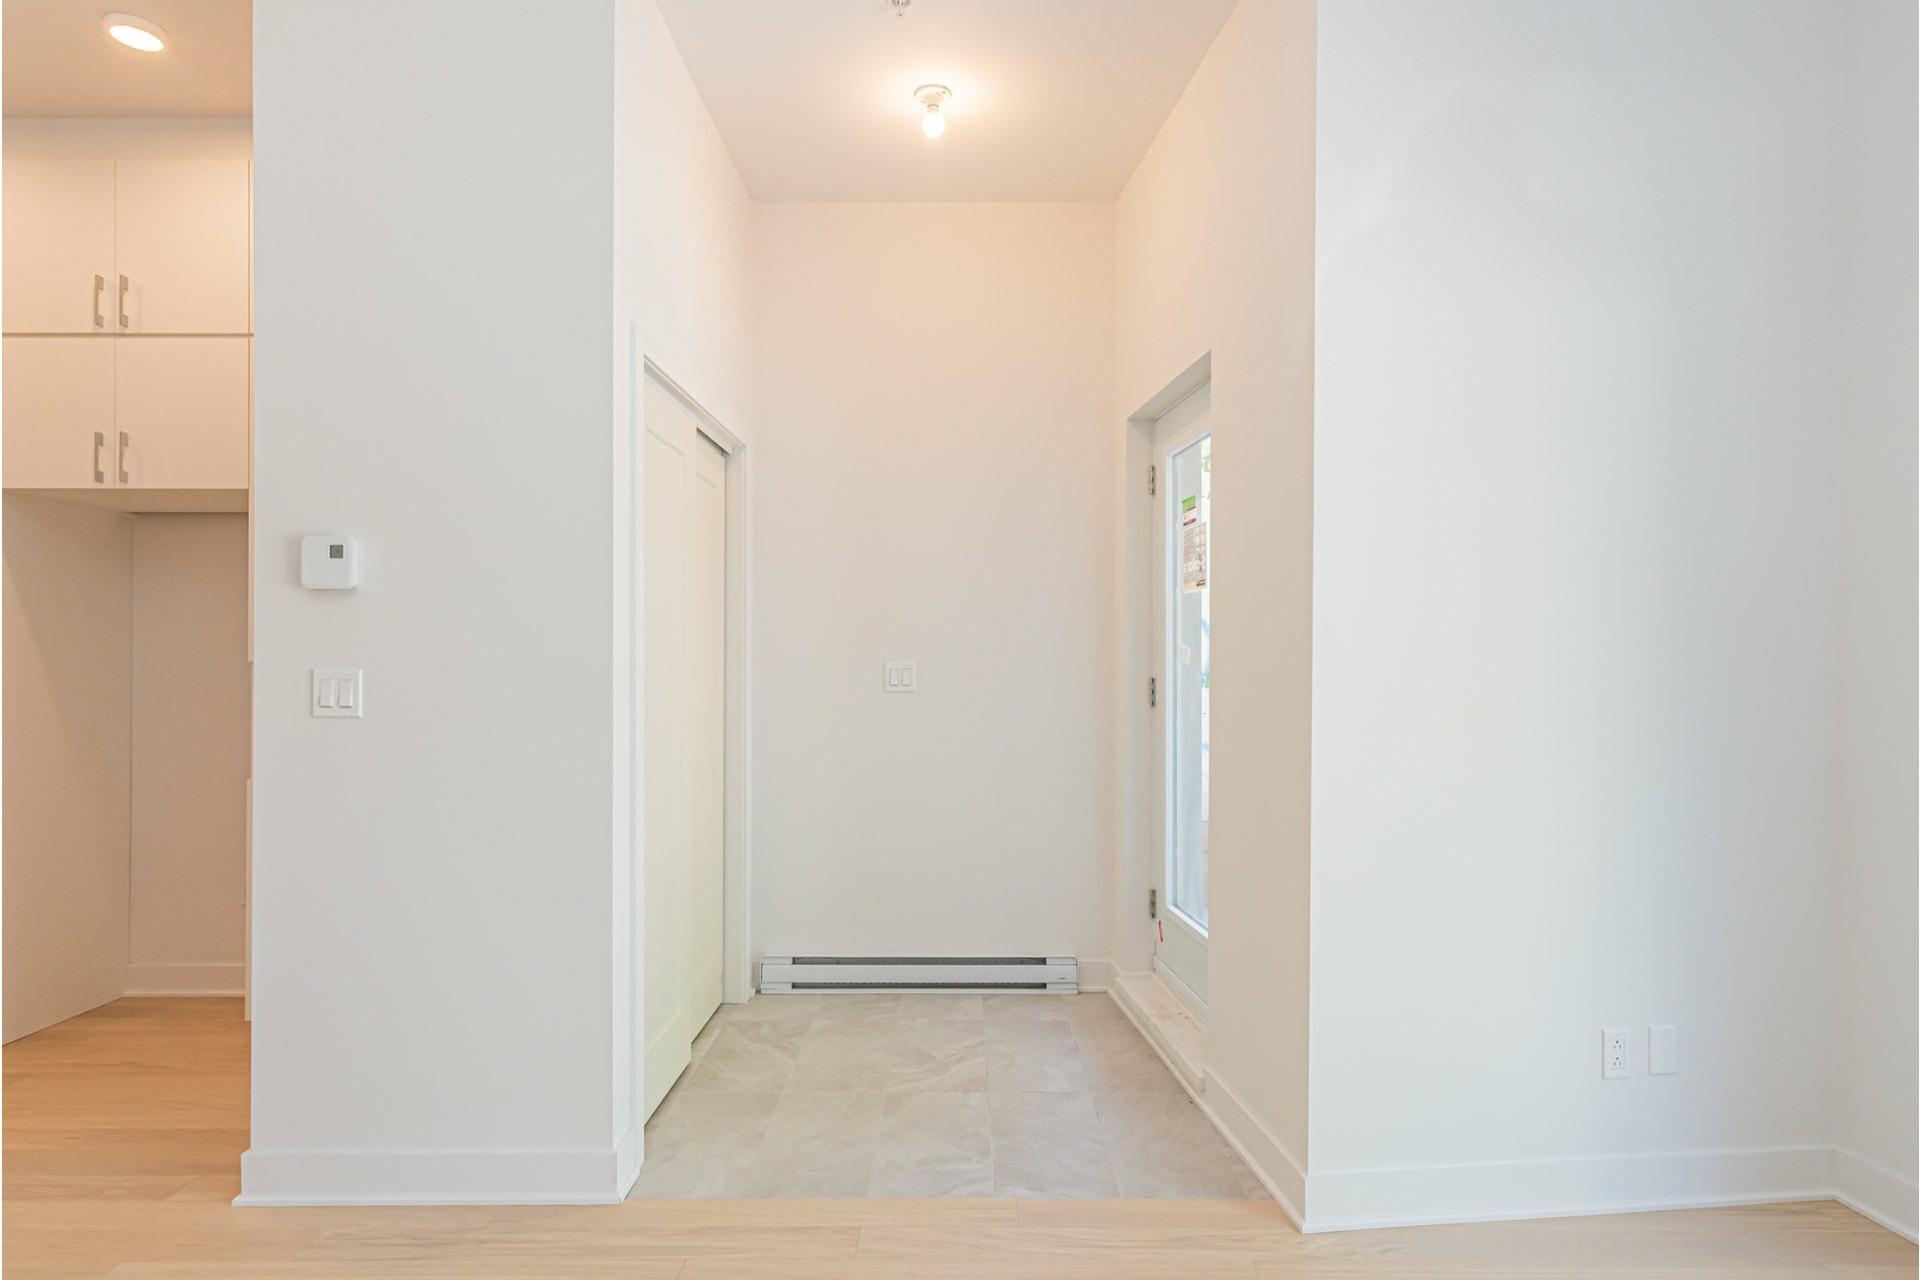 image 23 - Appartement À vendre Rosemont/La Petite-Patrie Montréal  - 5 pièces